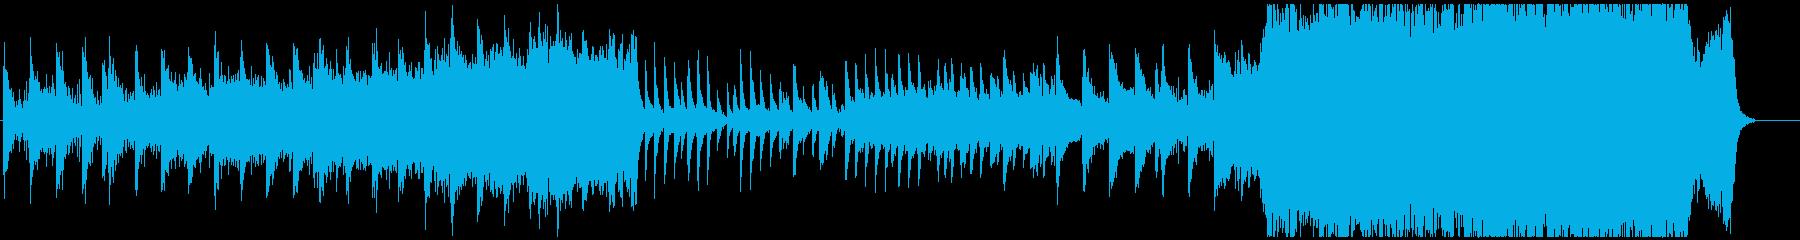 ピアノから始まるシネマティックな楽曲の再生済みの波形